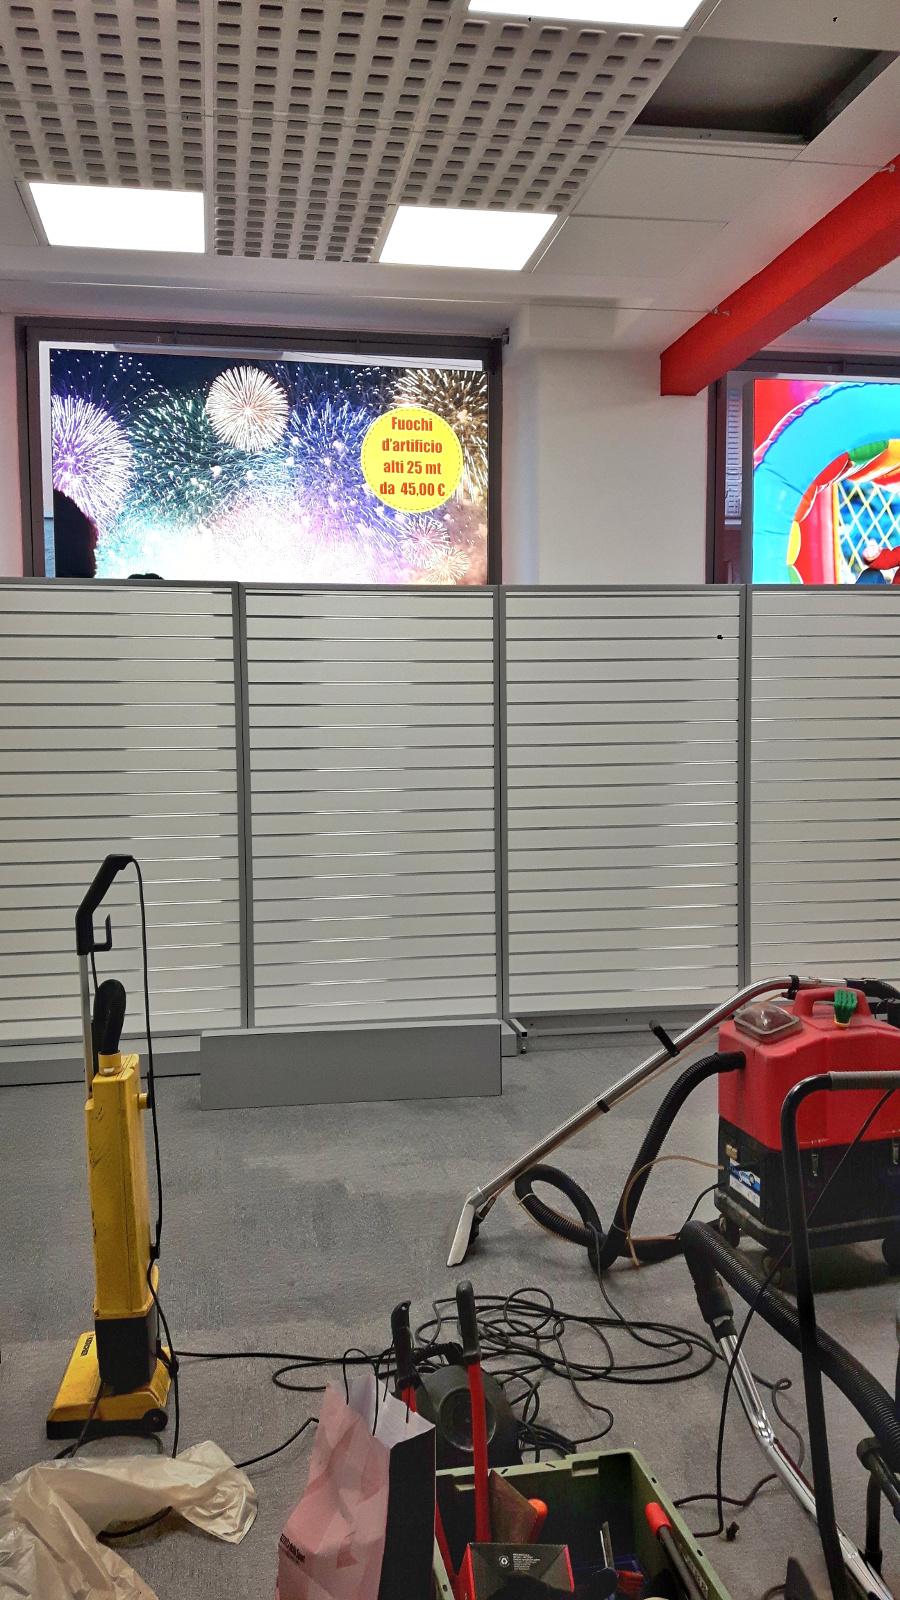 Servizi di pulizia per grandi magazzini